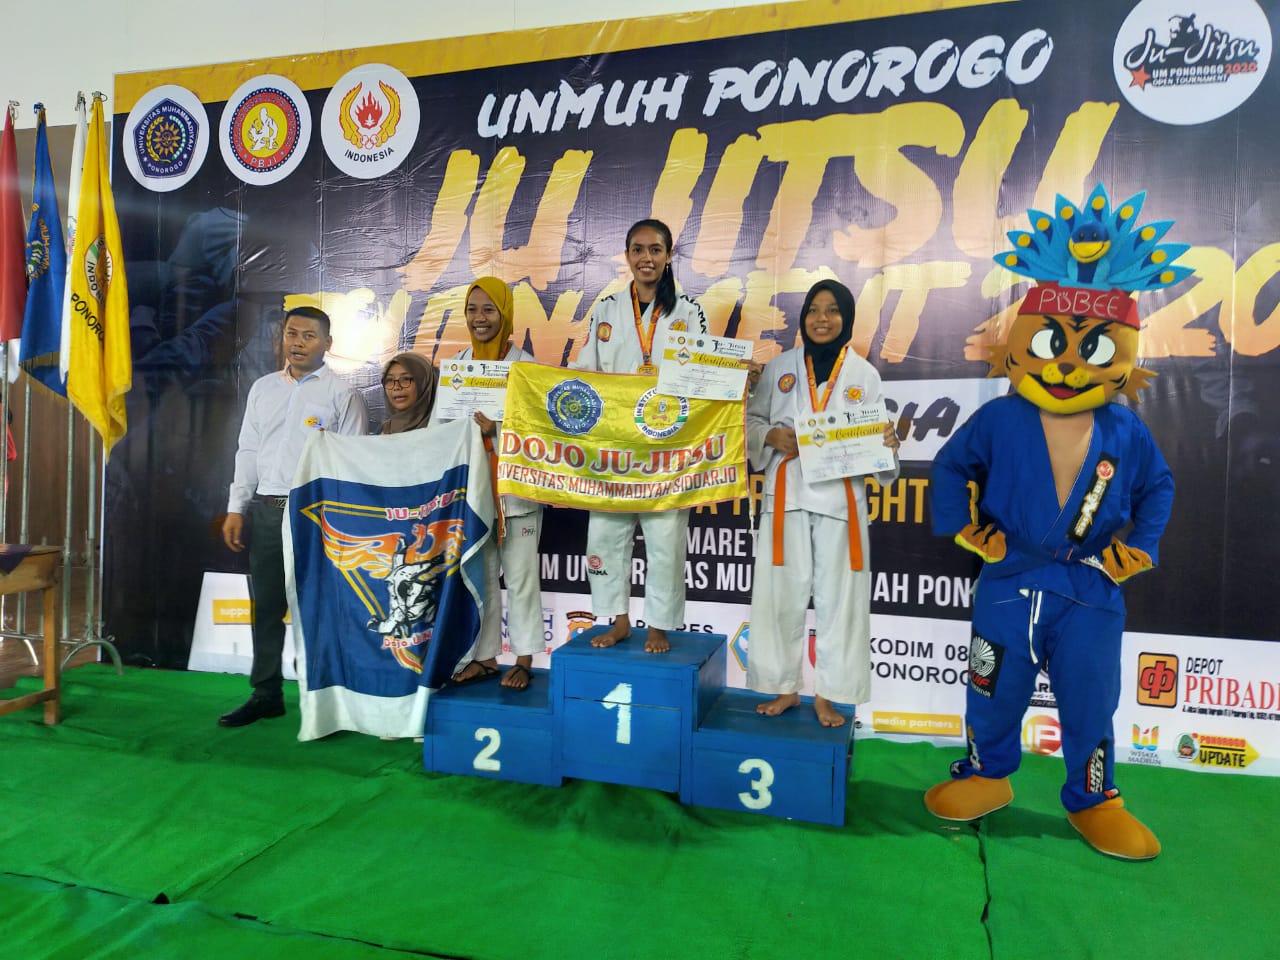 Mahasiswa UMSIDA Raih Juara Jujitsu